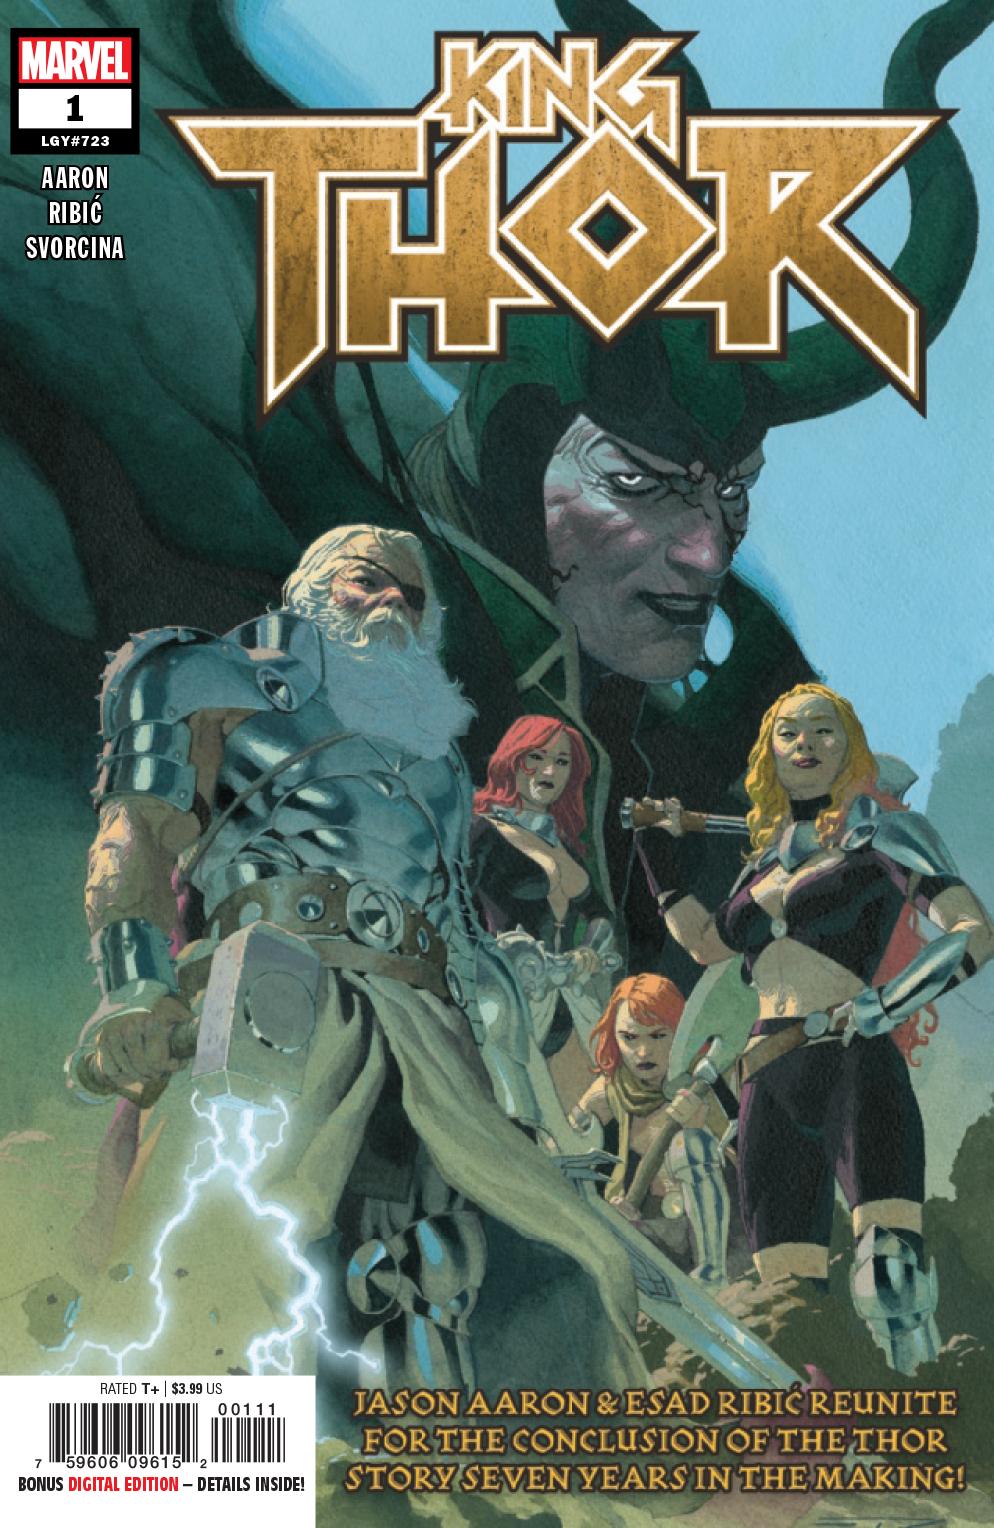 King Thor #1.jpg